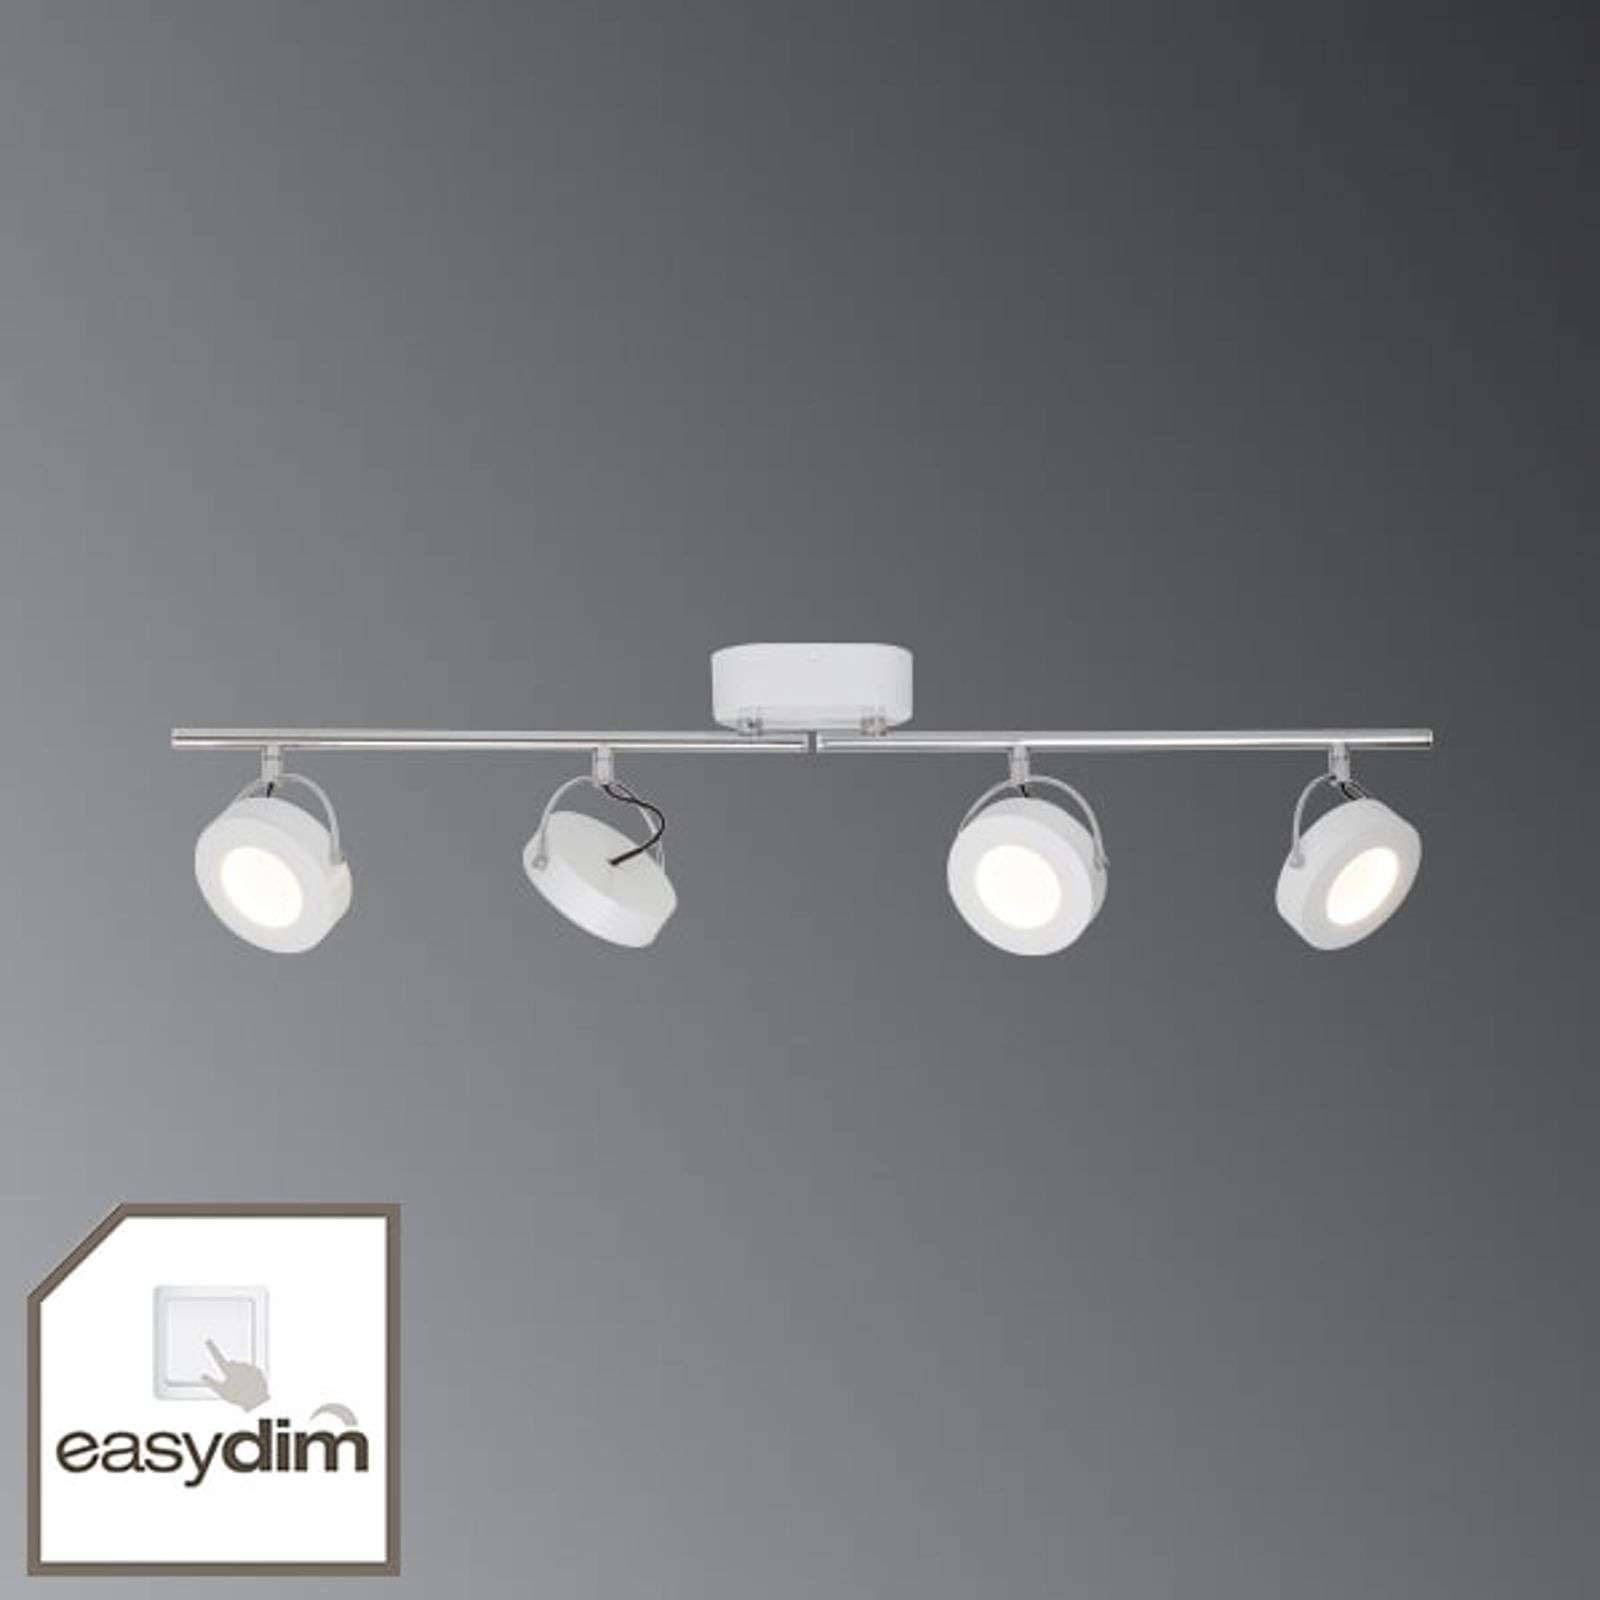 AEG Faretto da soffitto LED Allora EasyDim a 4 luci